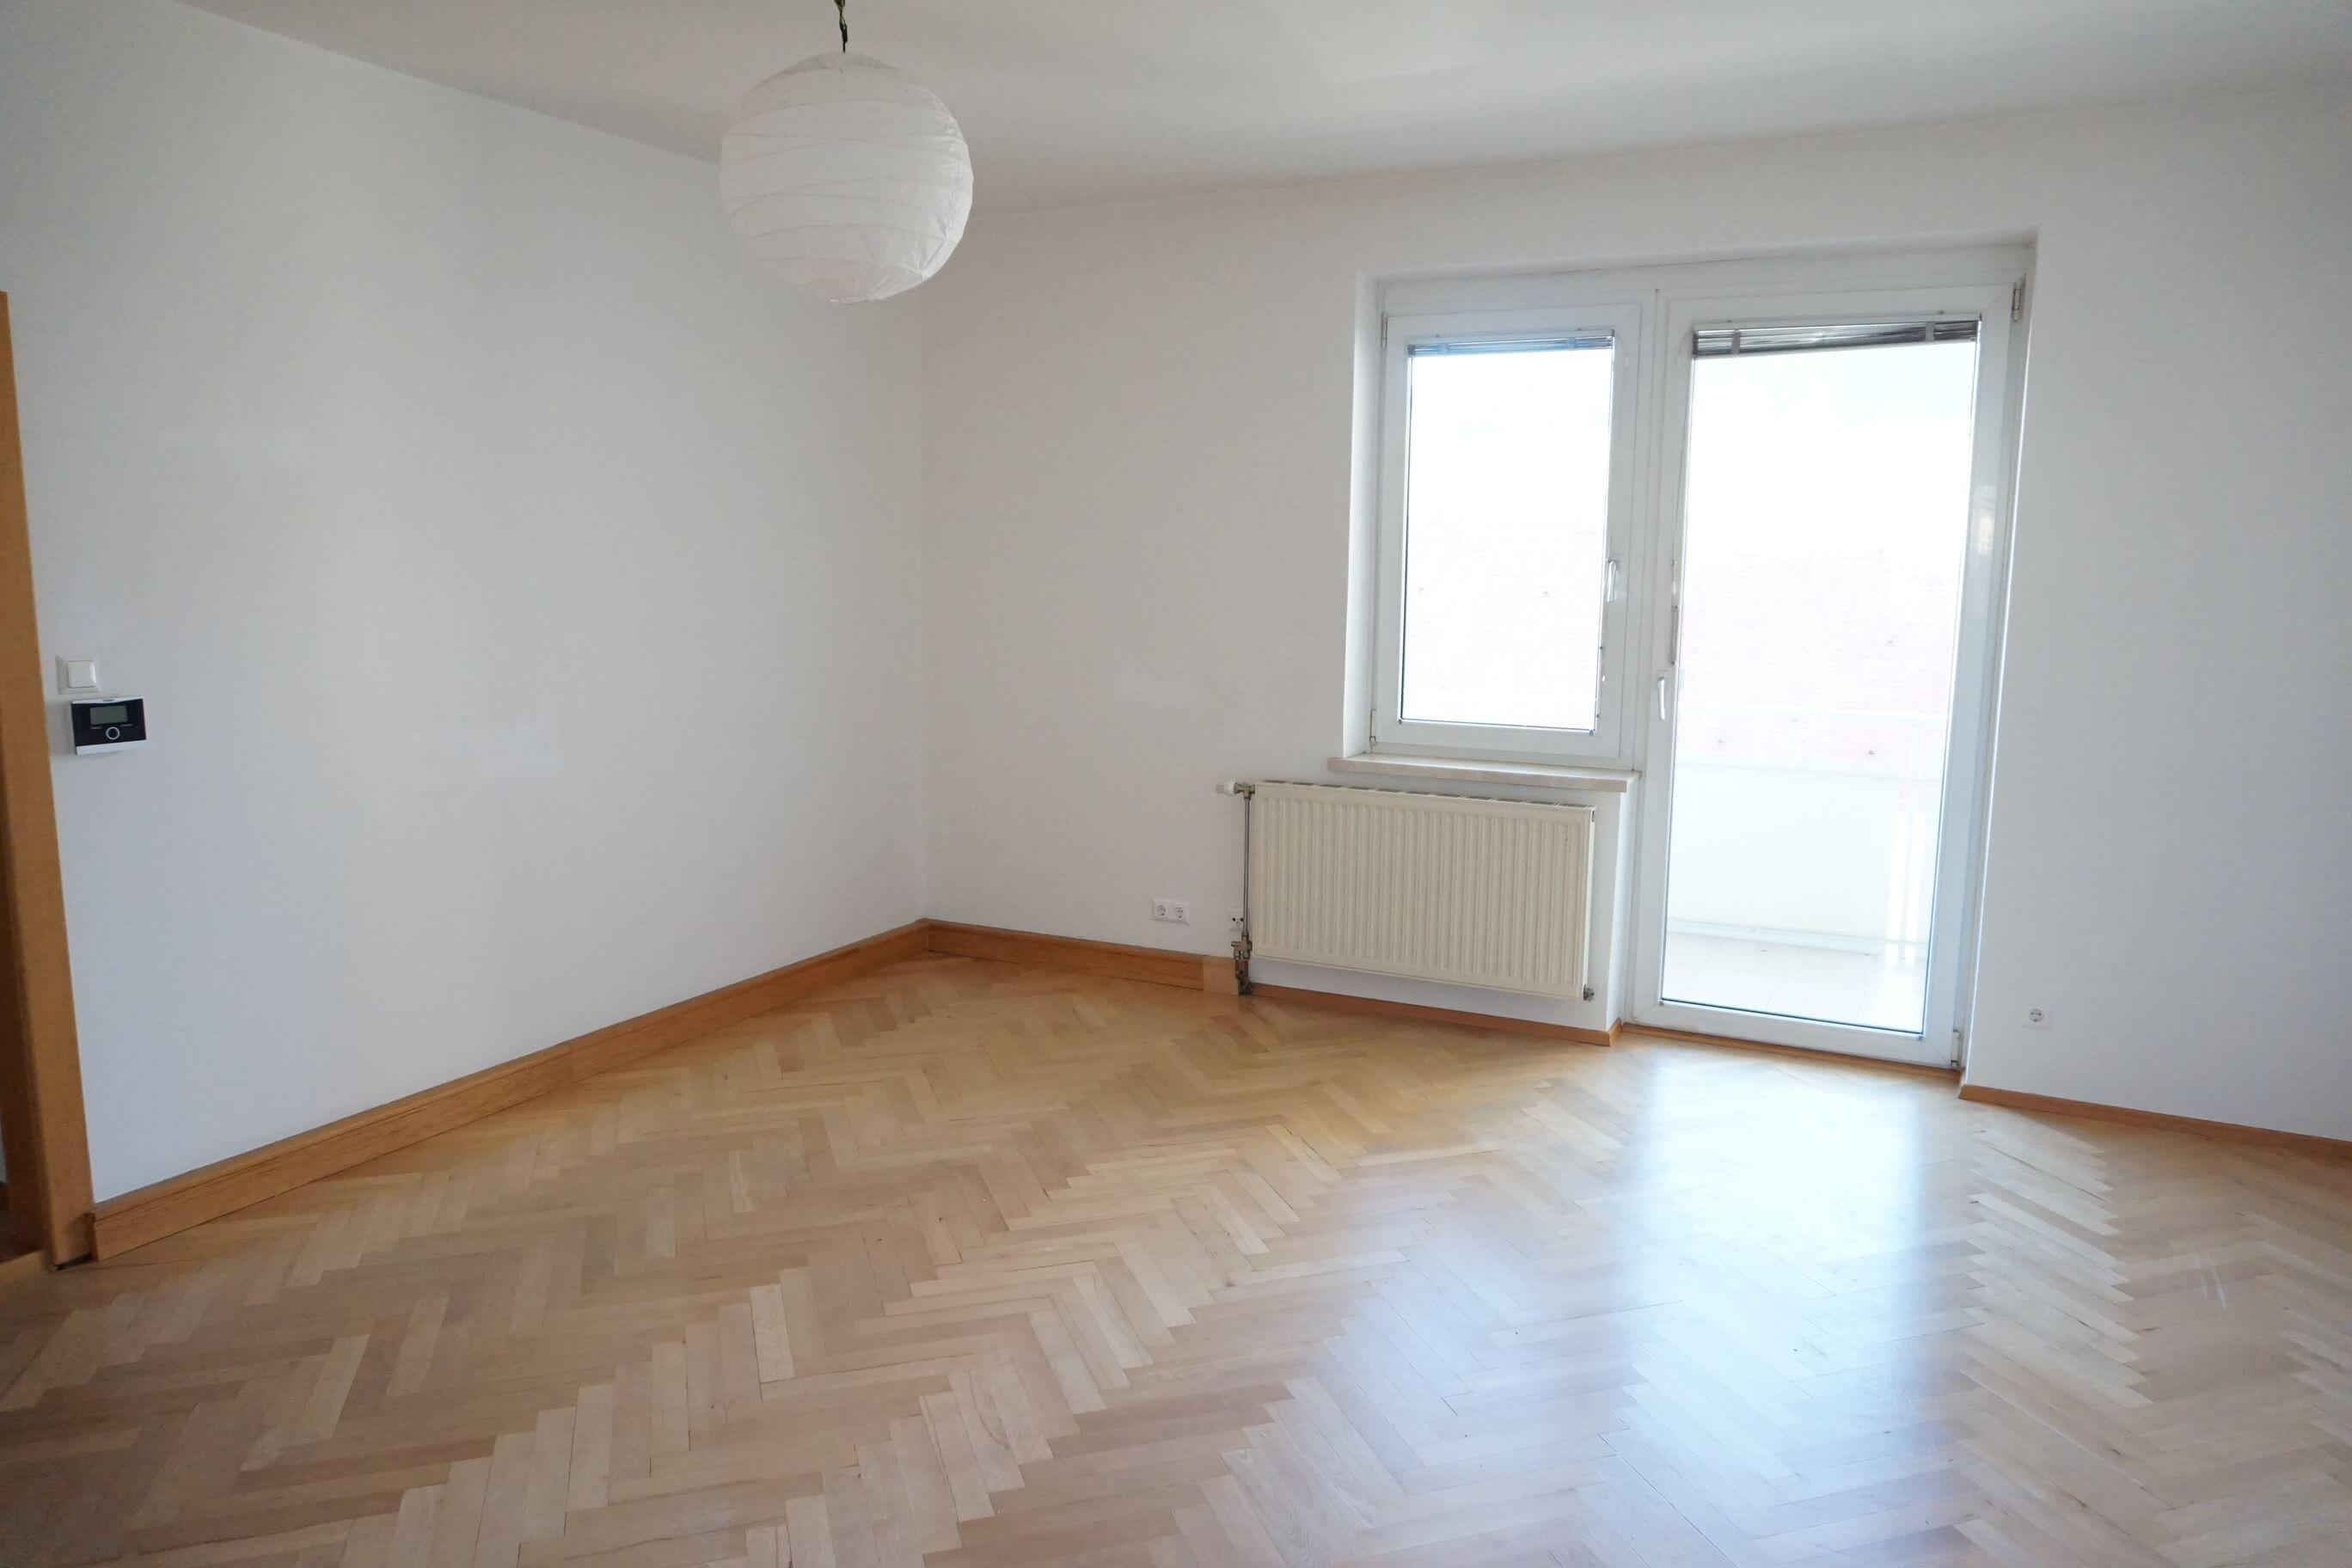 Bruck/Mur-Schillerstrasse: 4-Zimmer Mietwohnung